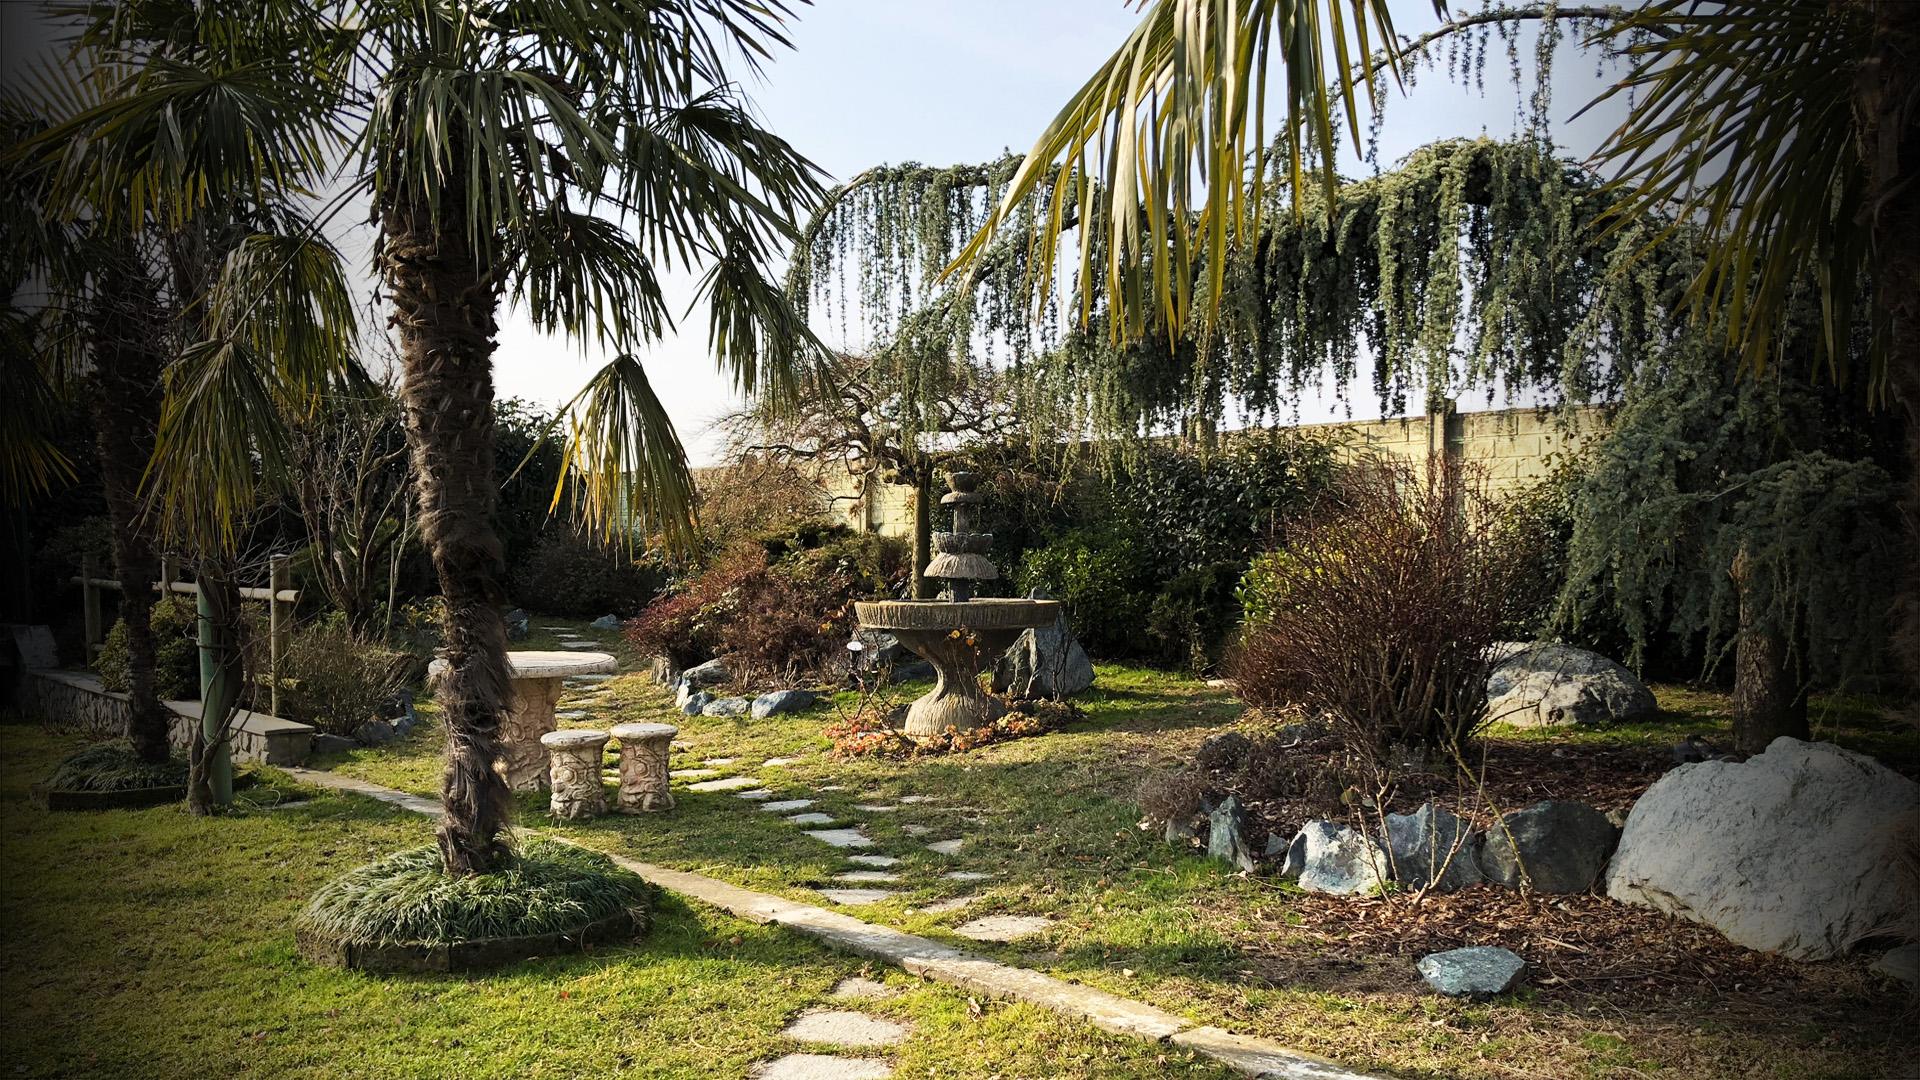 giardino_lagoazzurro_